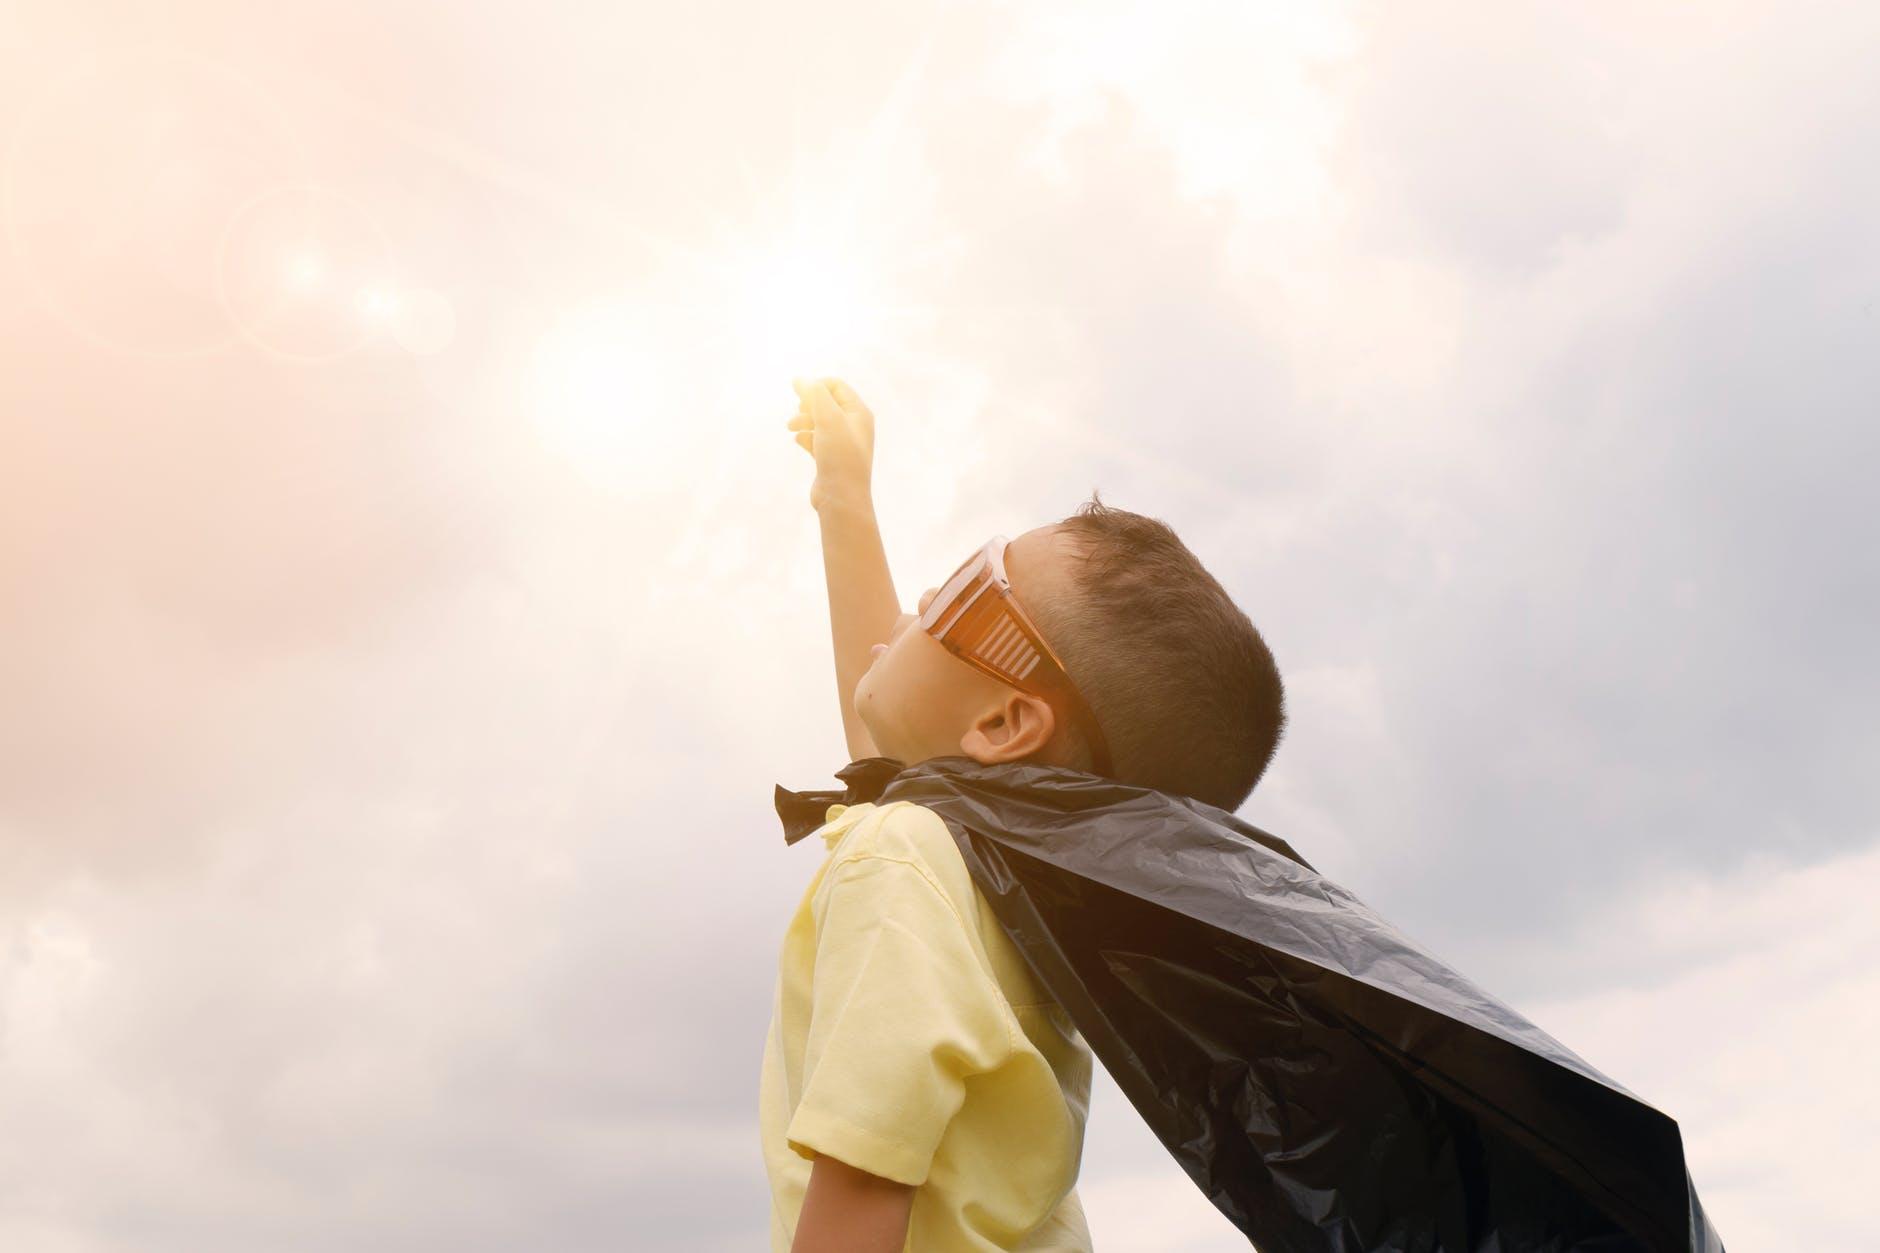 Як підвищити імунітет дитини: три складові відмінного дитячого здоров'я